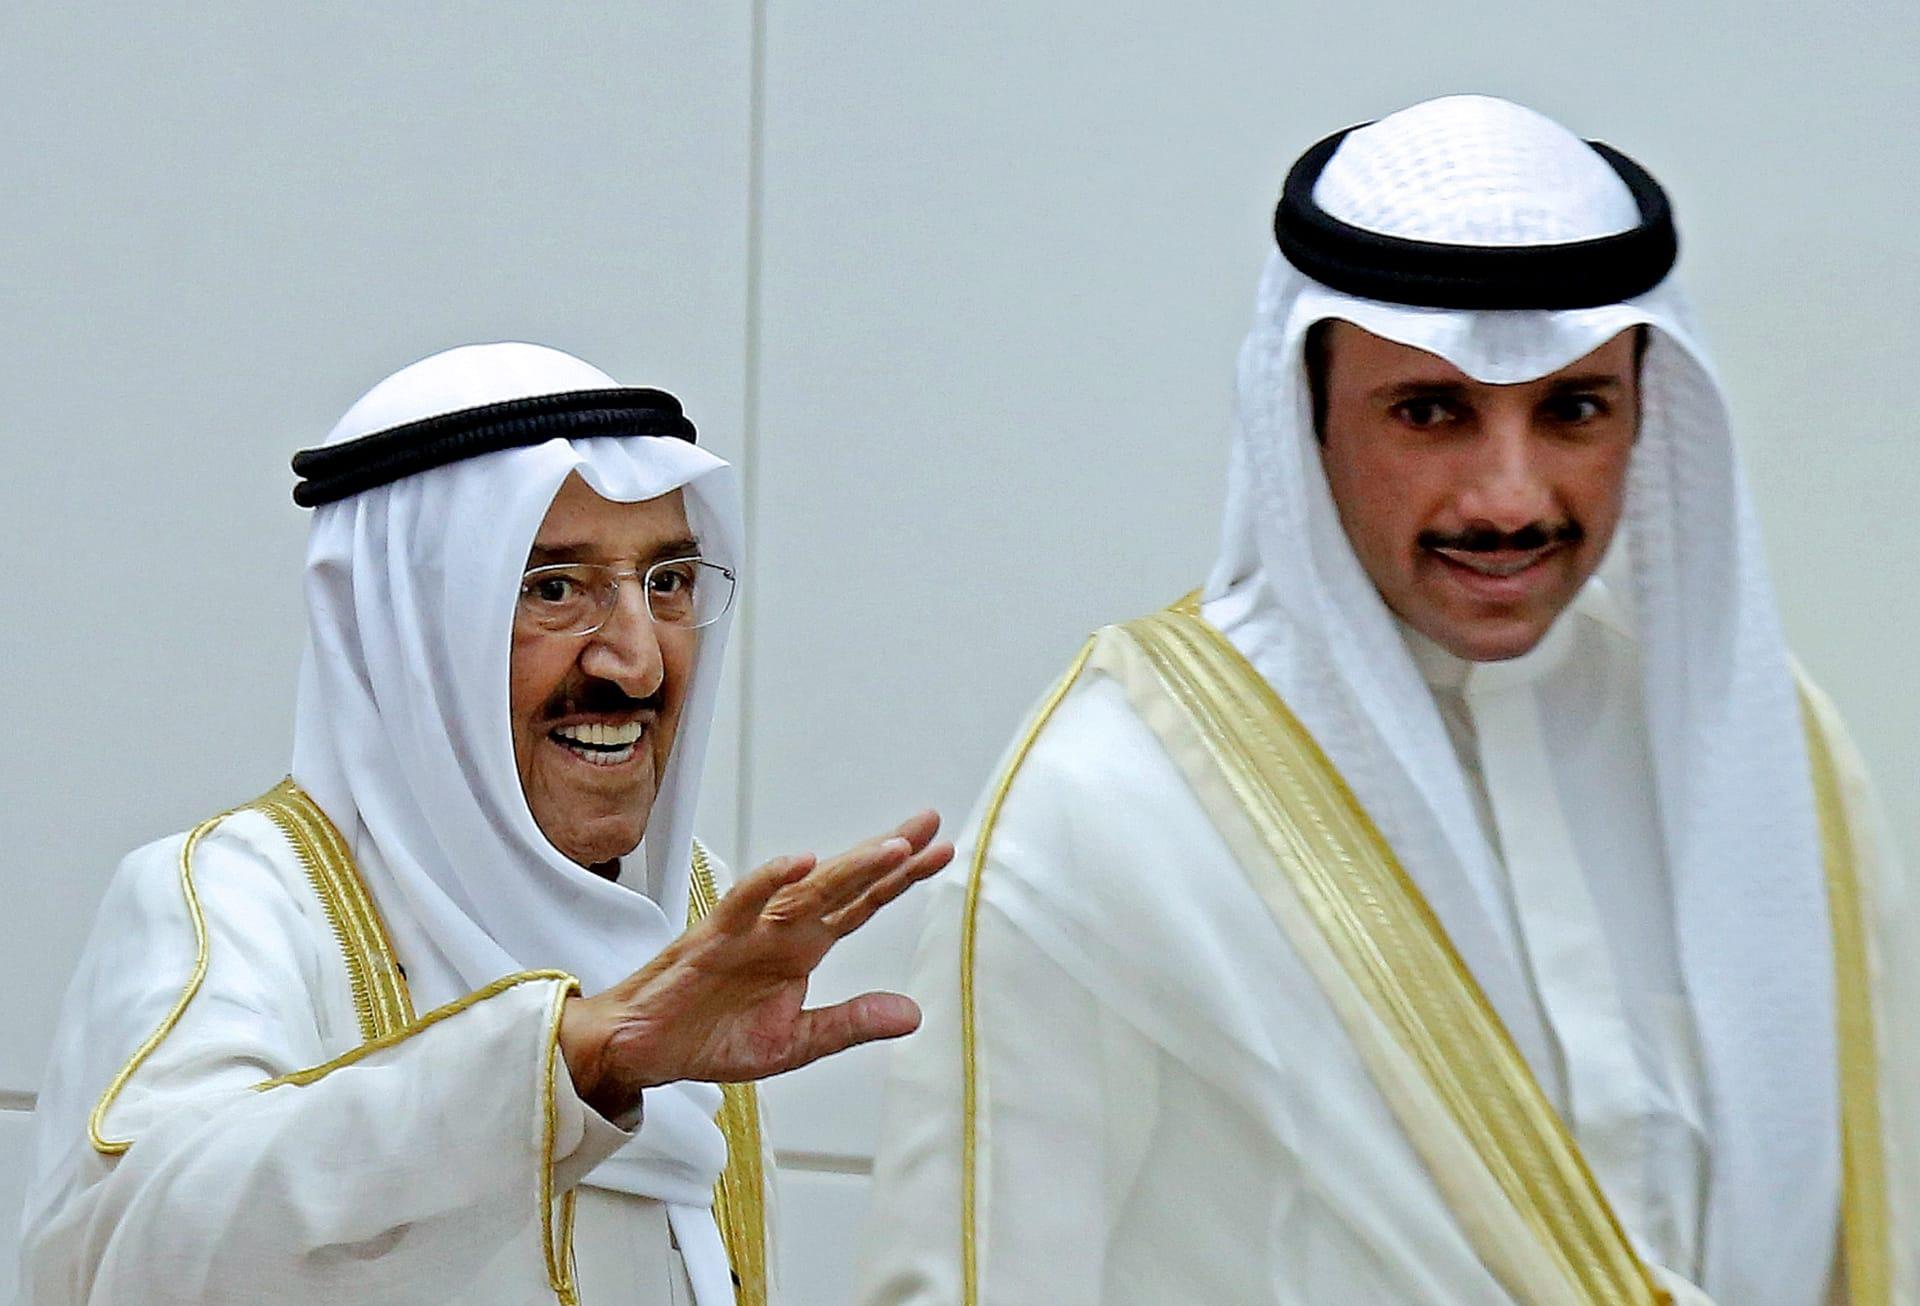 رئيس مجلس الأمة الكويتي يكشف أخبارا حول صحة أمير البلاد وينقل رسالة للسفيرة الأمريكية